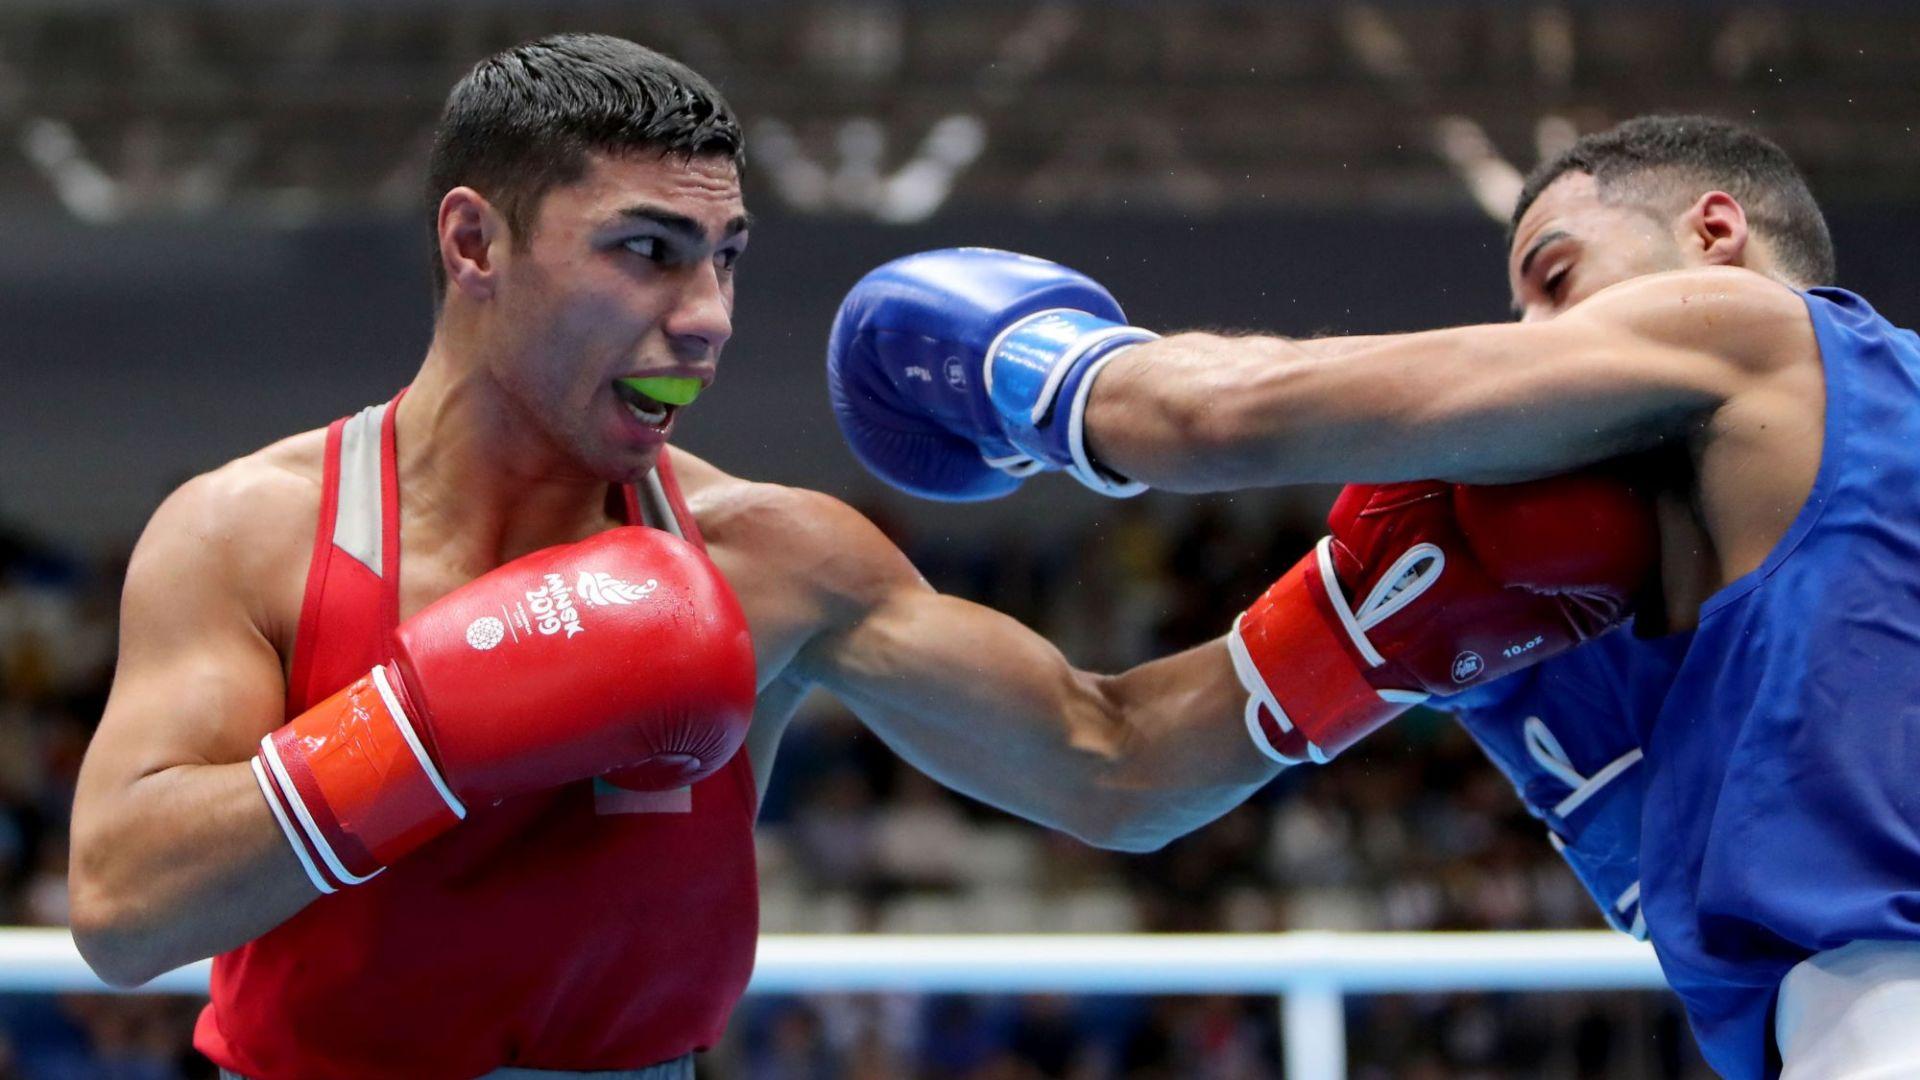 Съдийско решение спря първия опит на Даниел Асенов за Олимпиадата